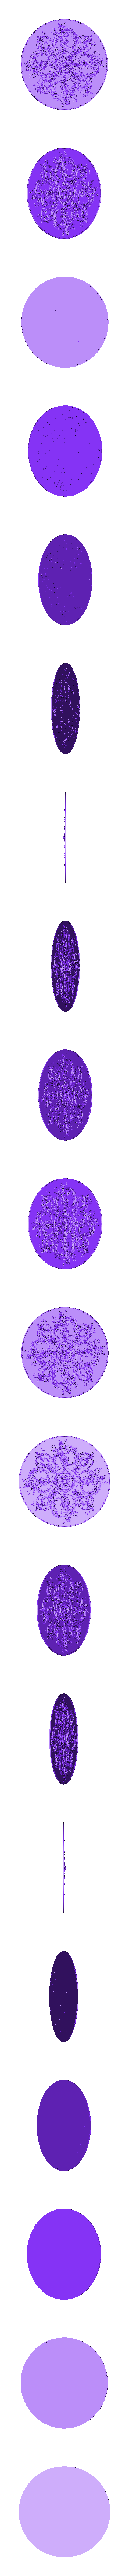 49.stl Télécharger fichier OBJ gratuit Moulures vintage pour vieux appartements classiques cnc art machine à router 3D printed • Modèle à imprimer en 3D, 3DPrinterFiles